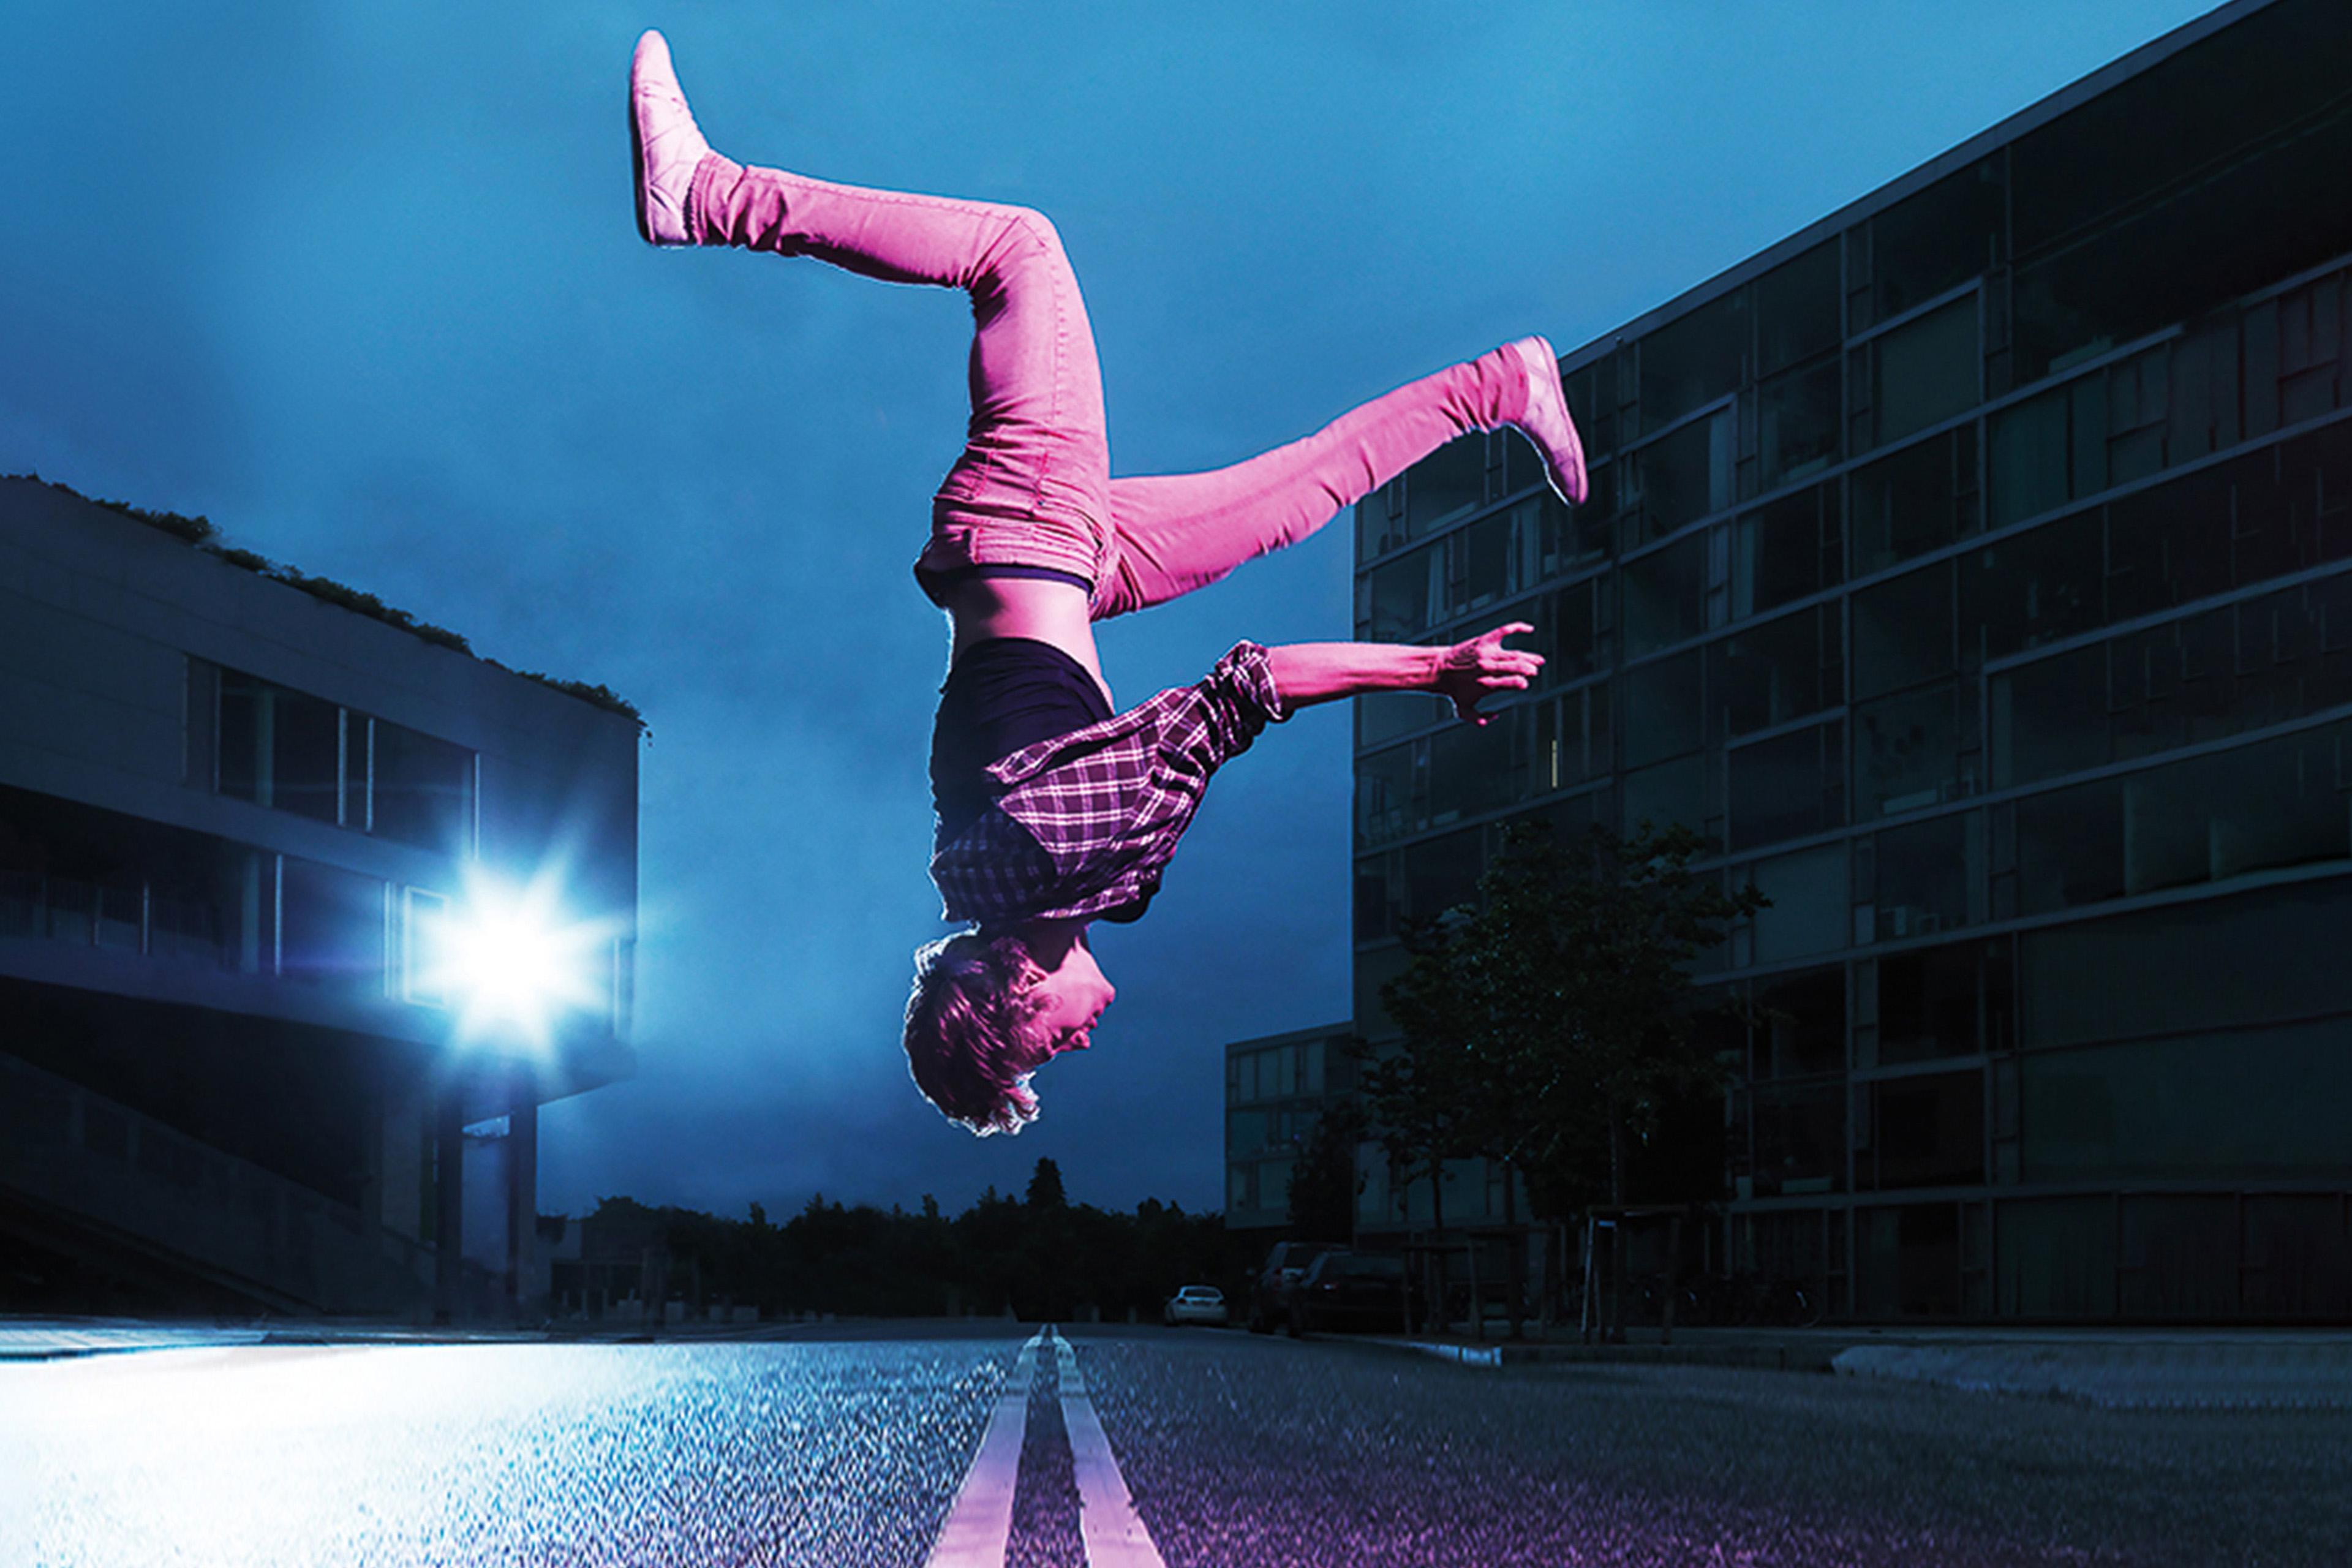 Mann macht einen Salto auf der Straße